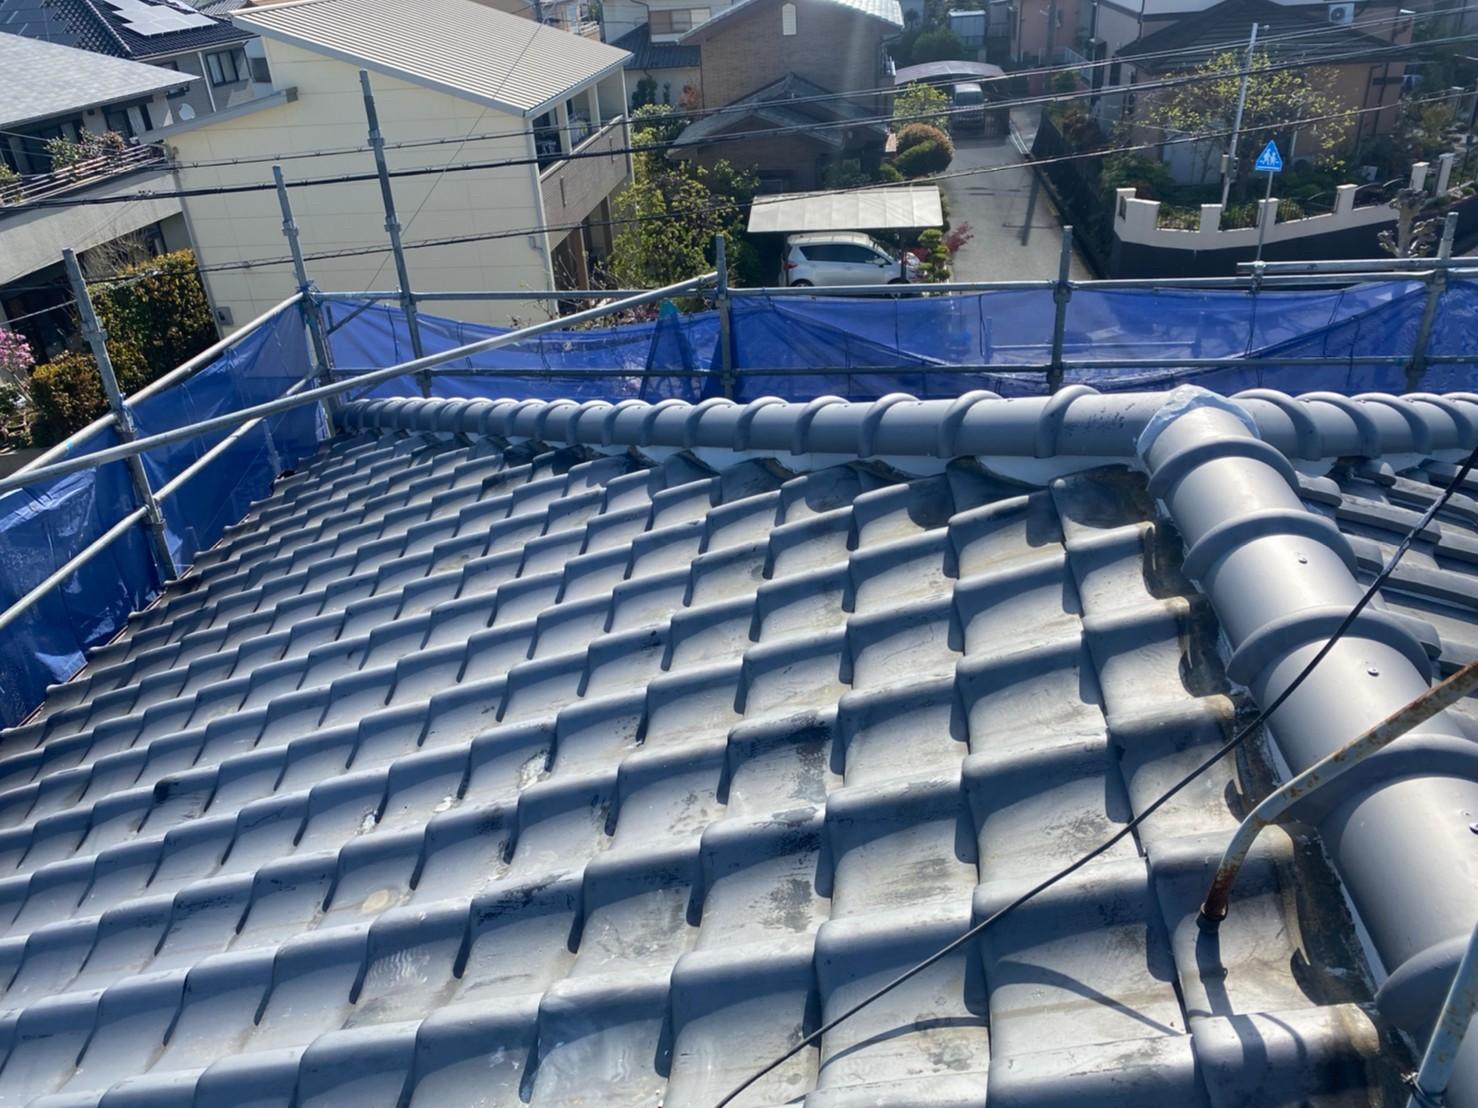 神戸市西区での棟瓦積み替えが完了した様子